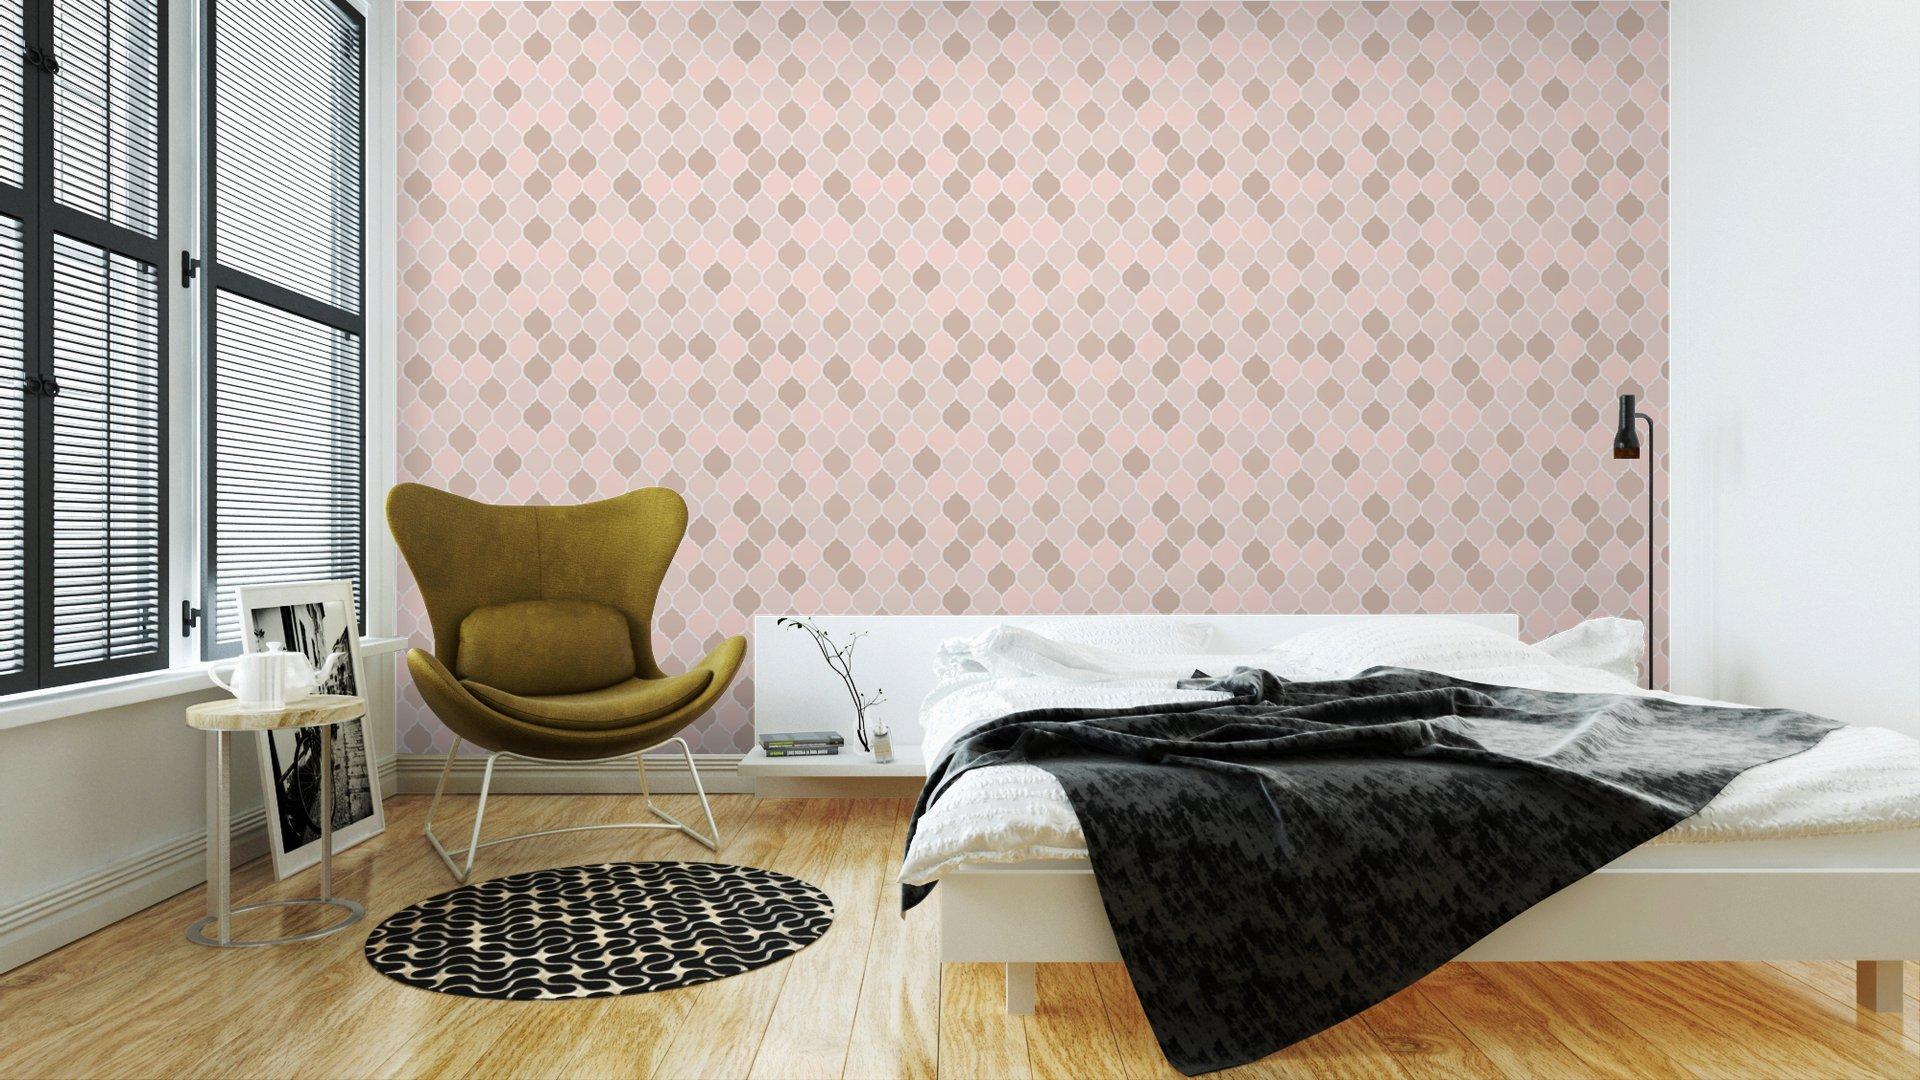 Fotomurales mexico papeles pintados baldosas sin fisuras patron de color rosa vector 4 - PapelTapizGeométrico Tonos Rosa 01